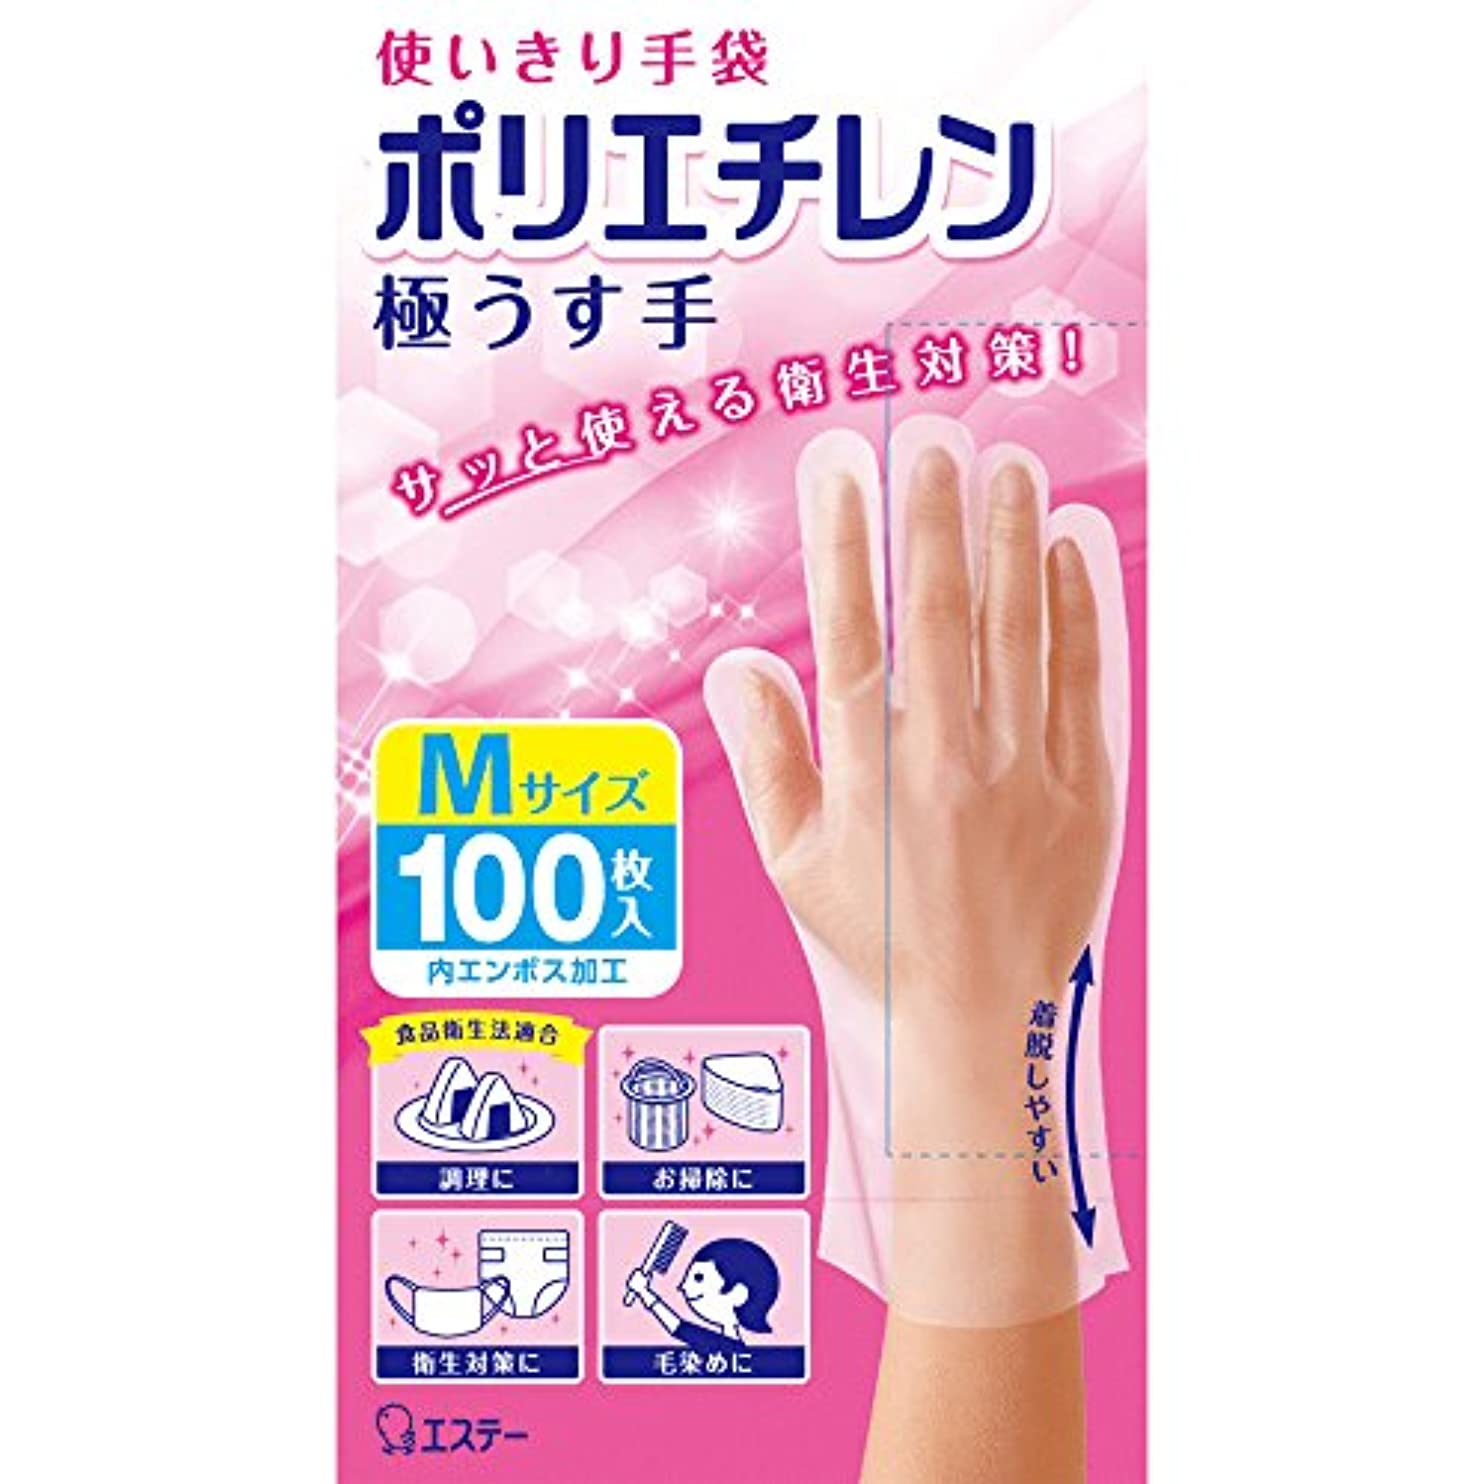 首相スツールアクセスできない使いきり手袋 ポリエチレン 極うす手 Mサイズ 半透明 100枚